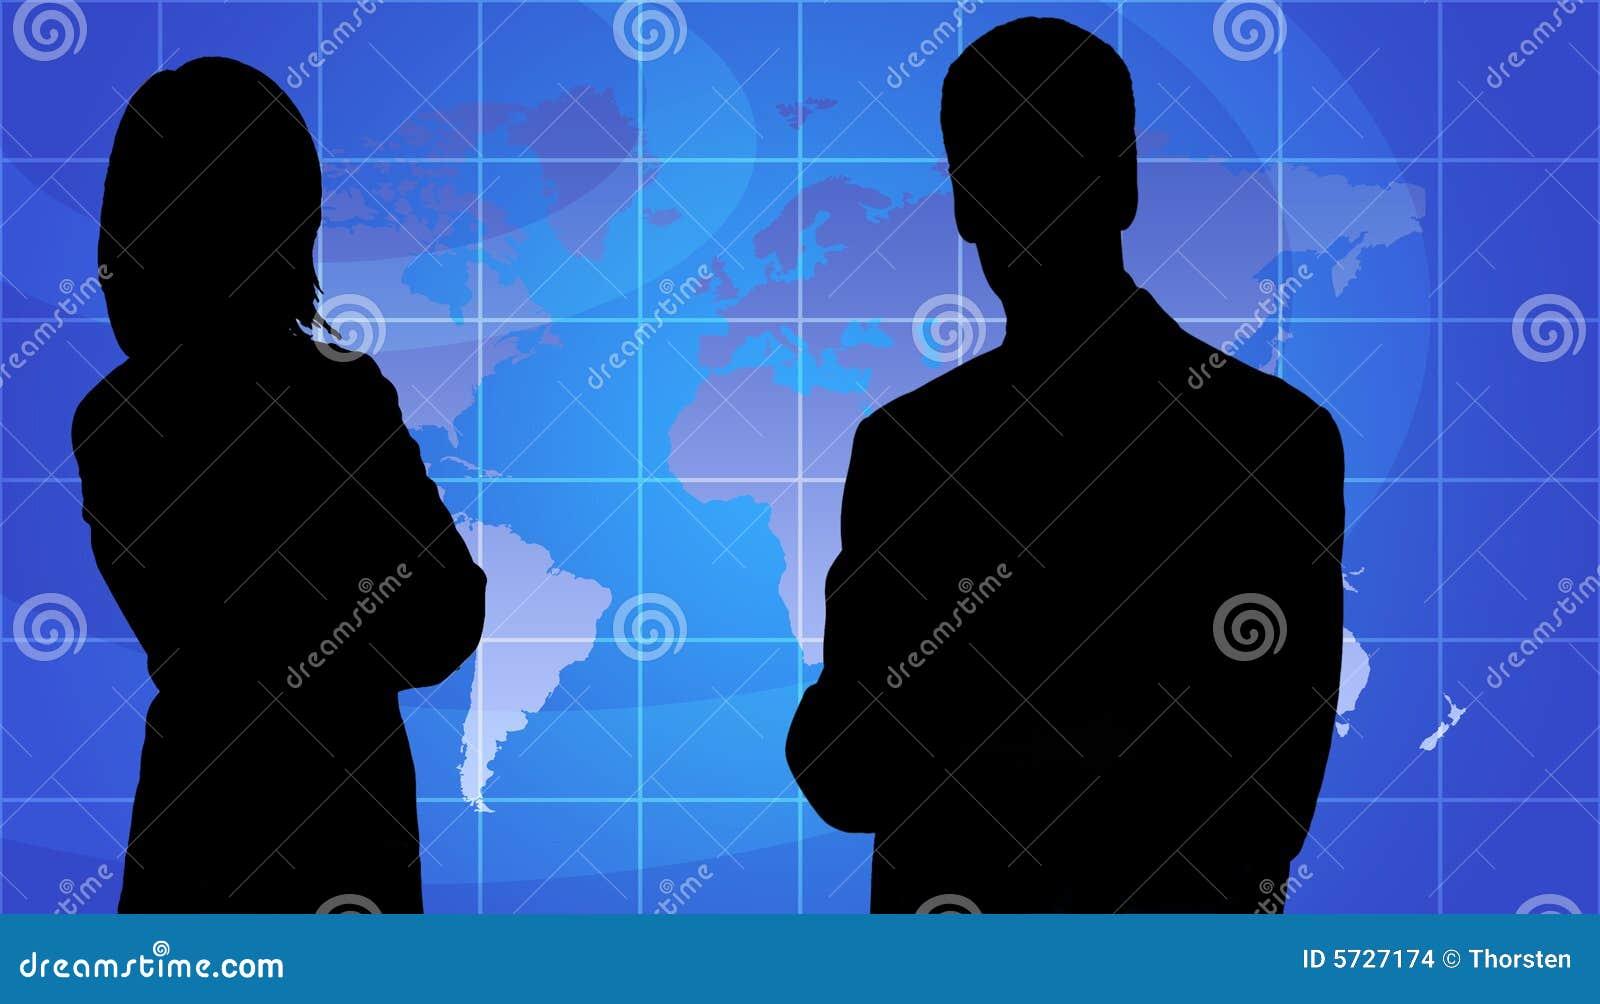 Geschäftsleute silhouettieren, Weltkarten-Hintergrund